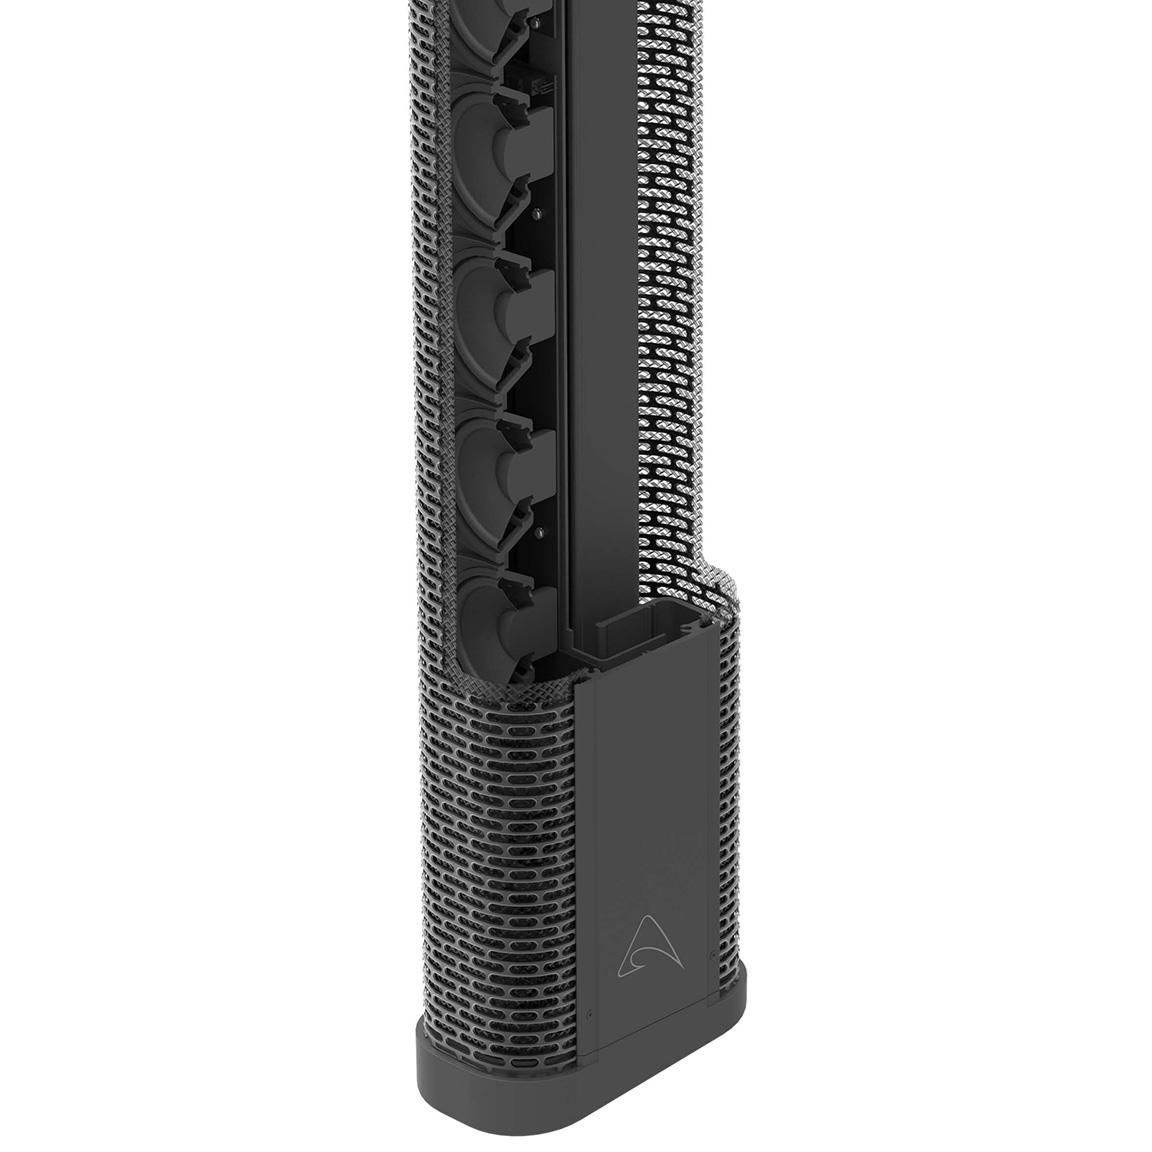 Axiom AX12C - Пассивный 12 х 3,5'' элемент вертикального линейного массива 360–720 Вт / 16 Ом, черного цвета